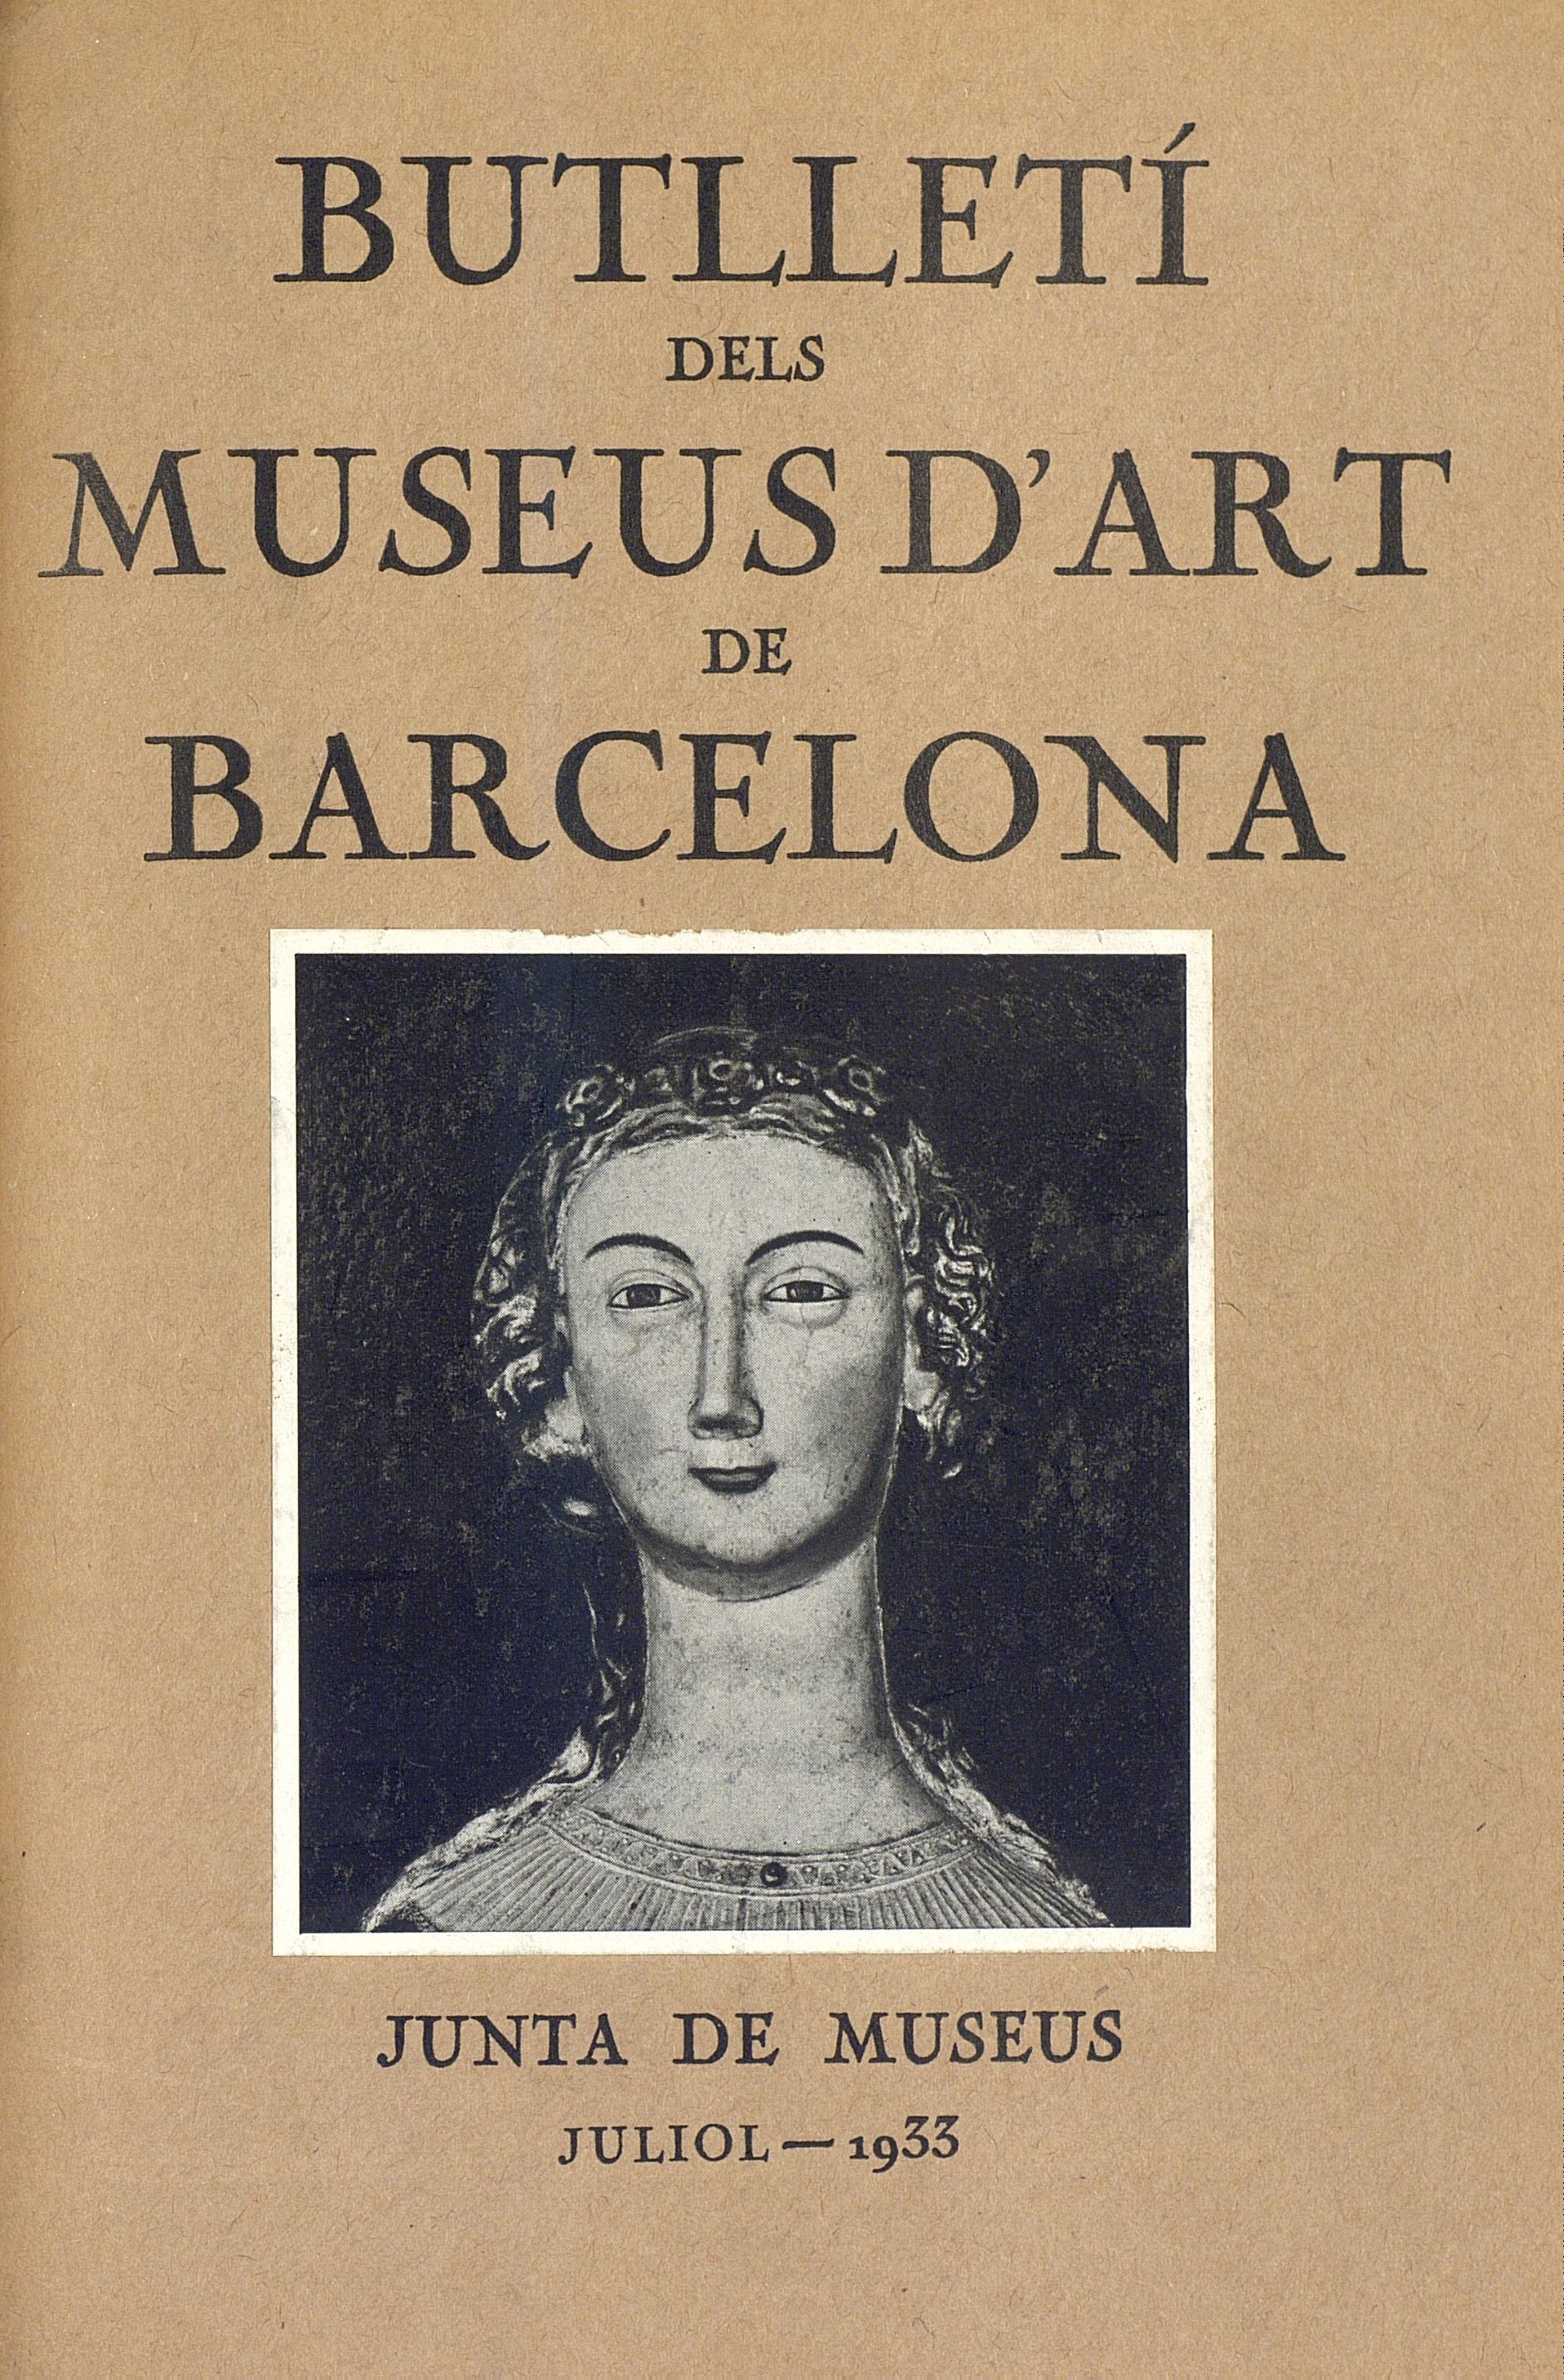 Vol. 3, núm. 26 (juliol 1933)